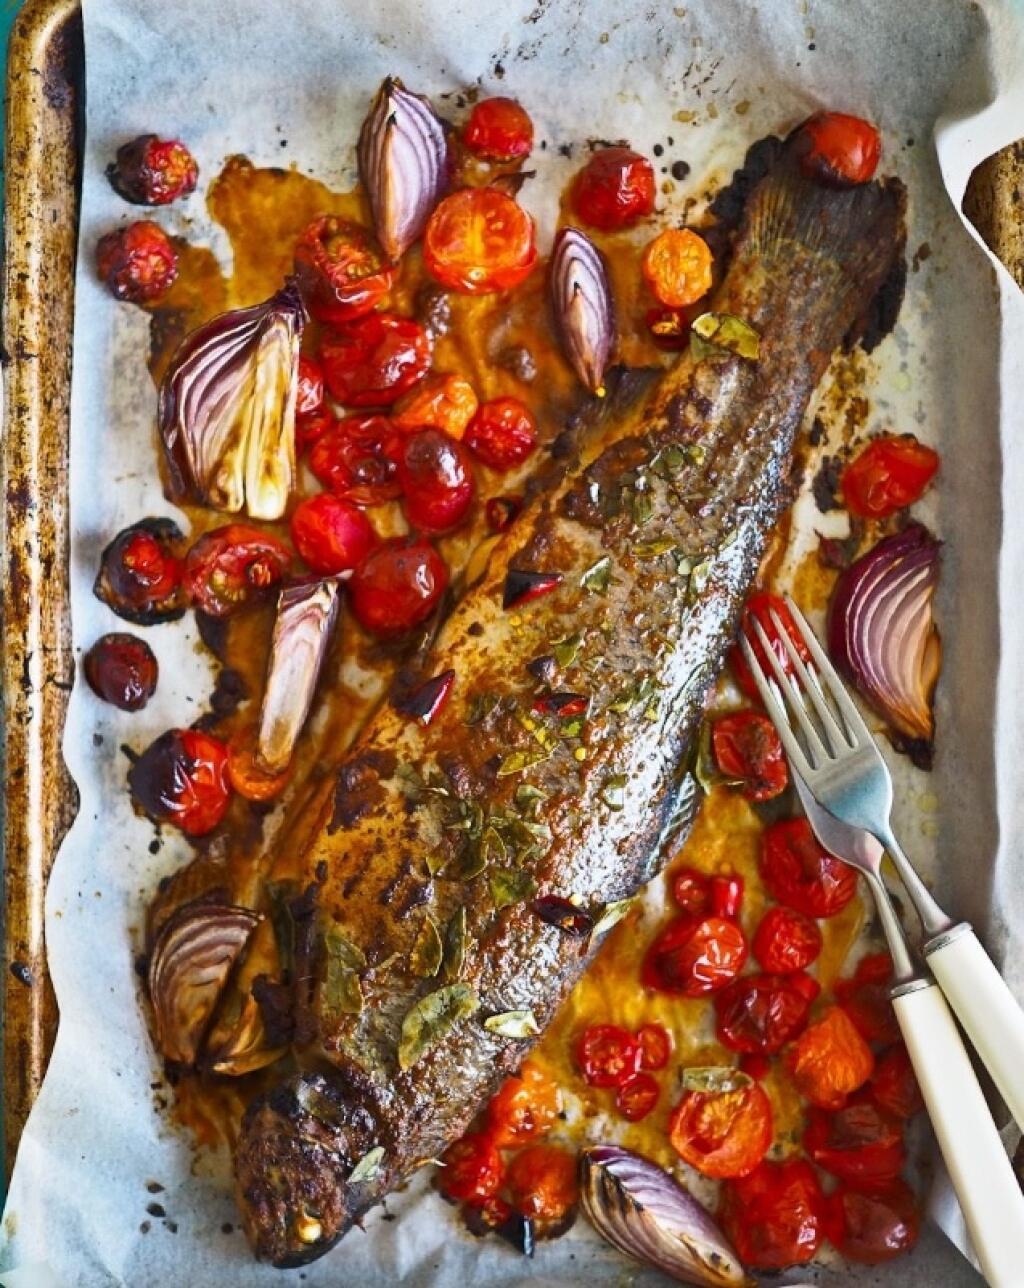 Pstruh pečený na paradajkách a víne. Recept nájdete v článku.